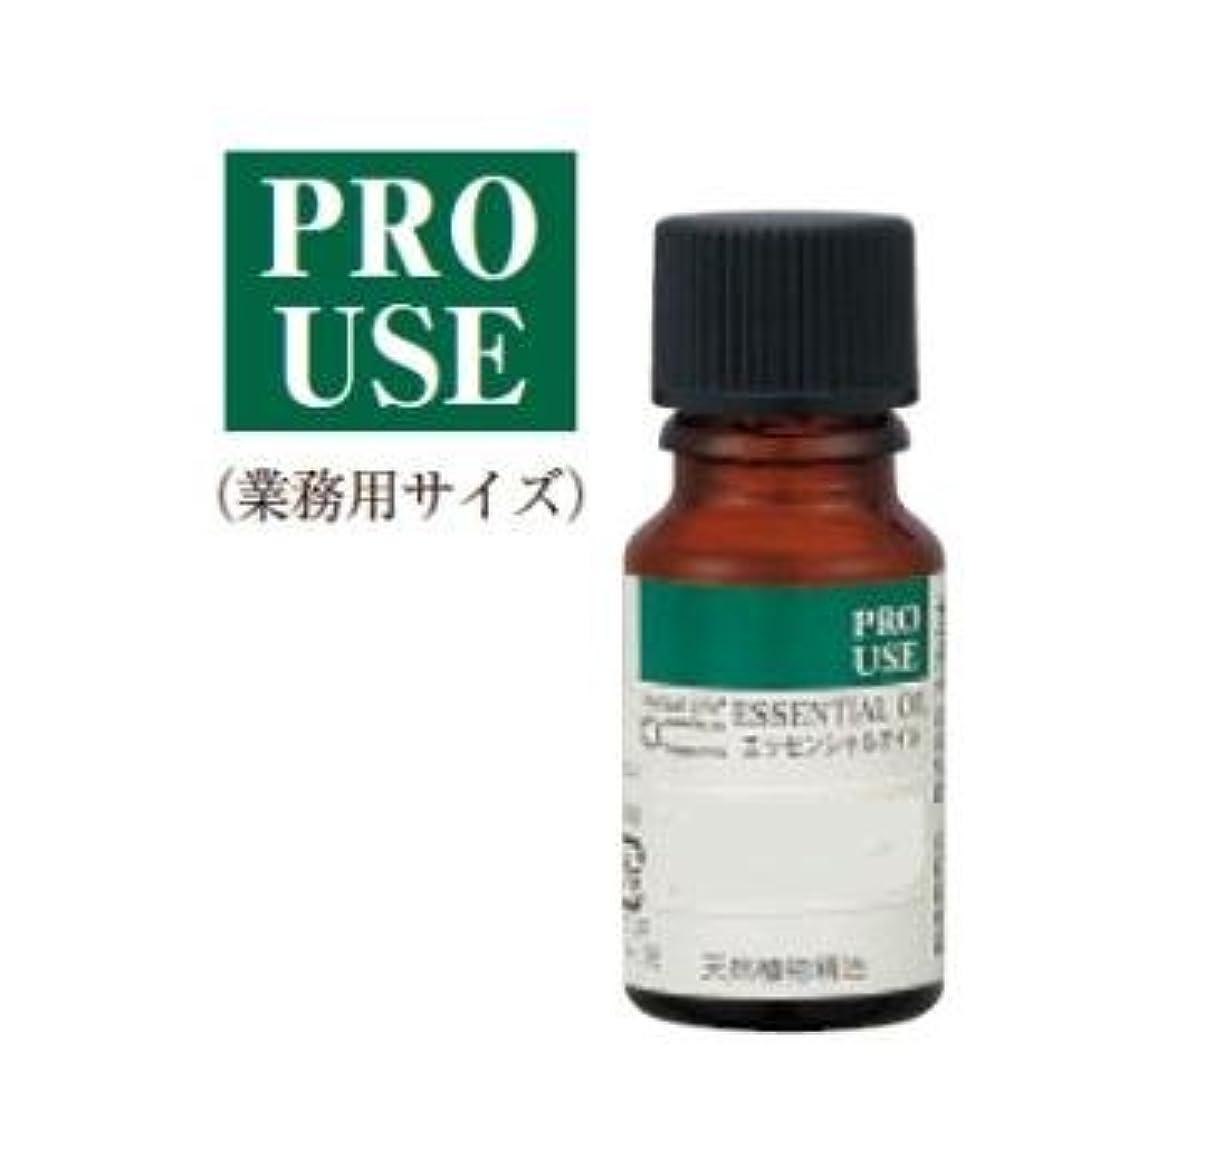 スラム街支配的勝つ生活の木 ジャスミンAbs.10ml エッセンシャルオイル/精油